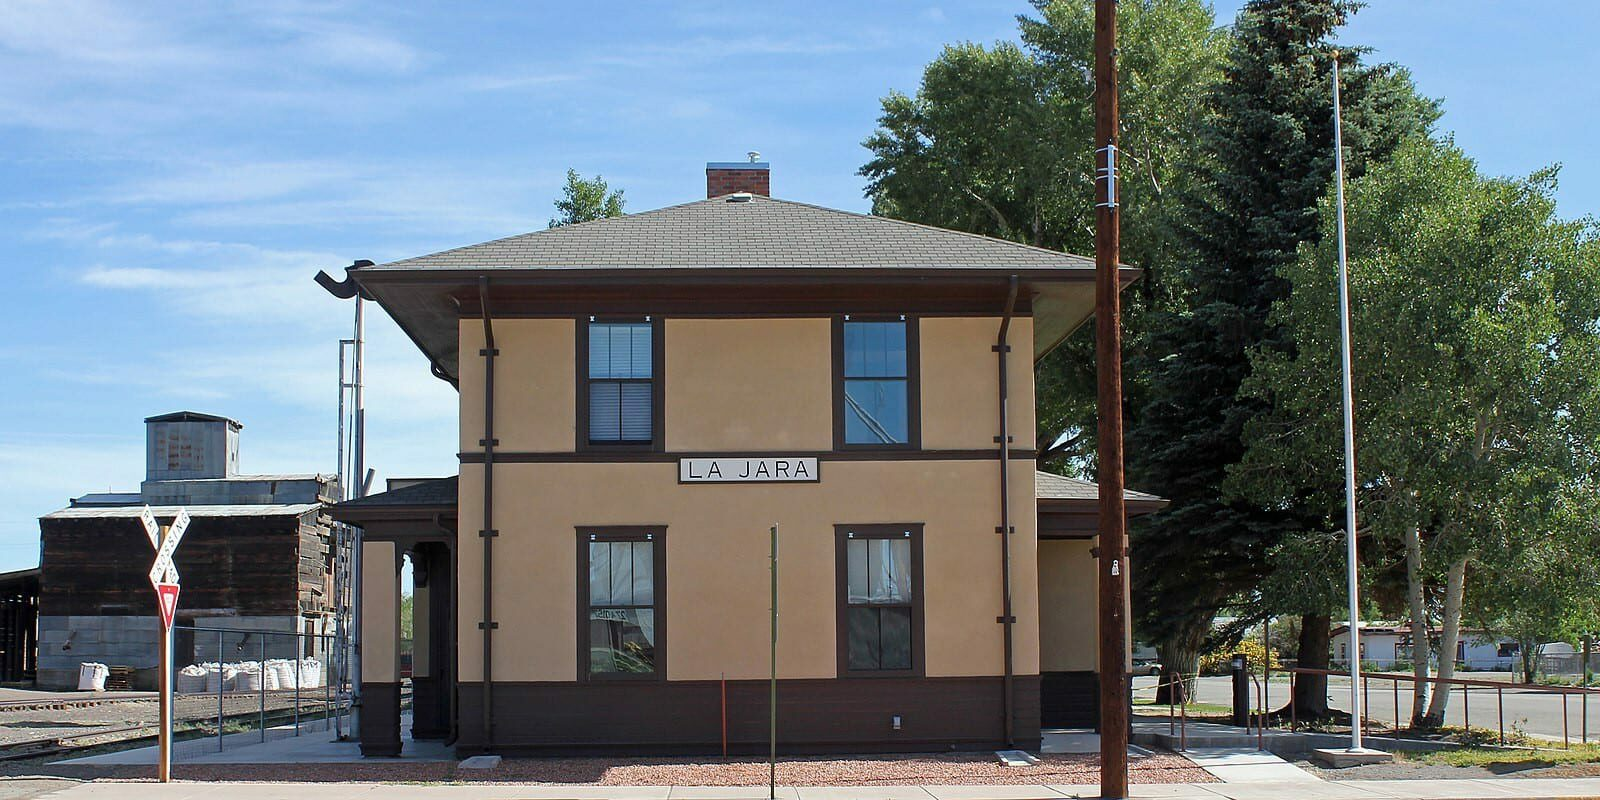 La Jara Colorado Train Depot Town Hall